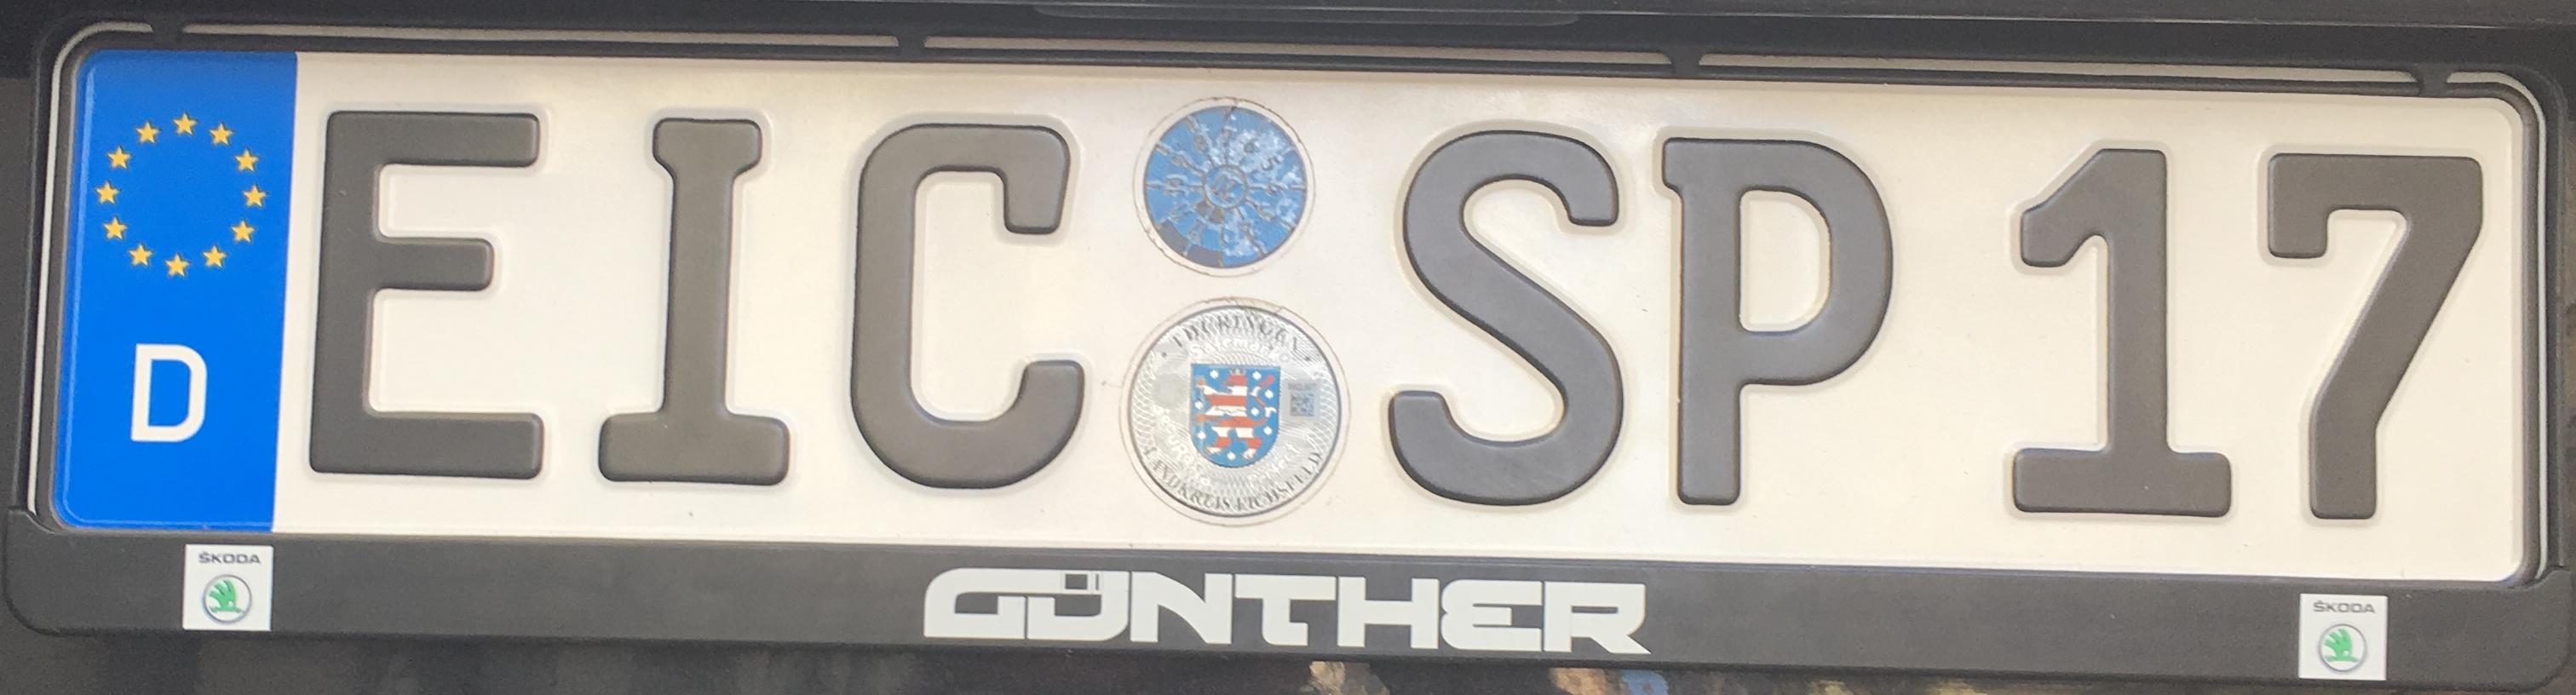 Registrační značka Německo - EIC - Eichsfeld, foto: www.podalnici.cz